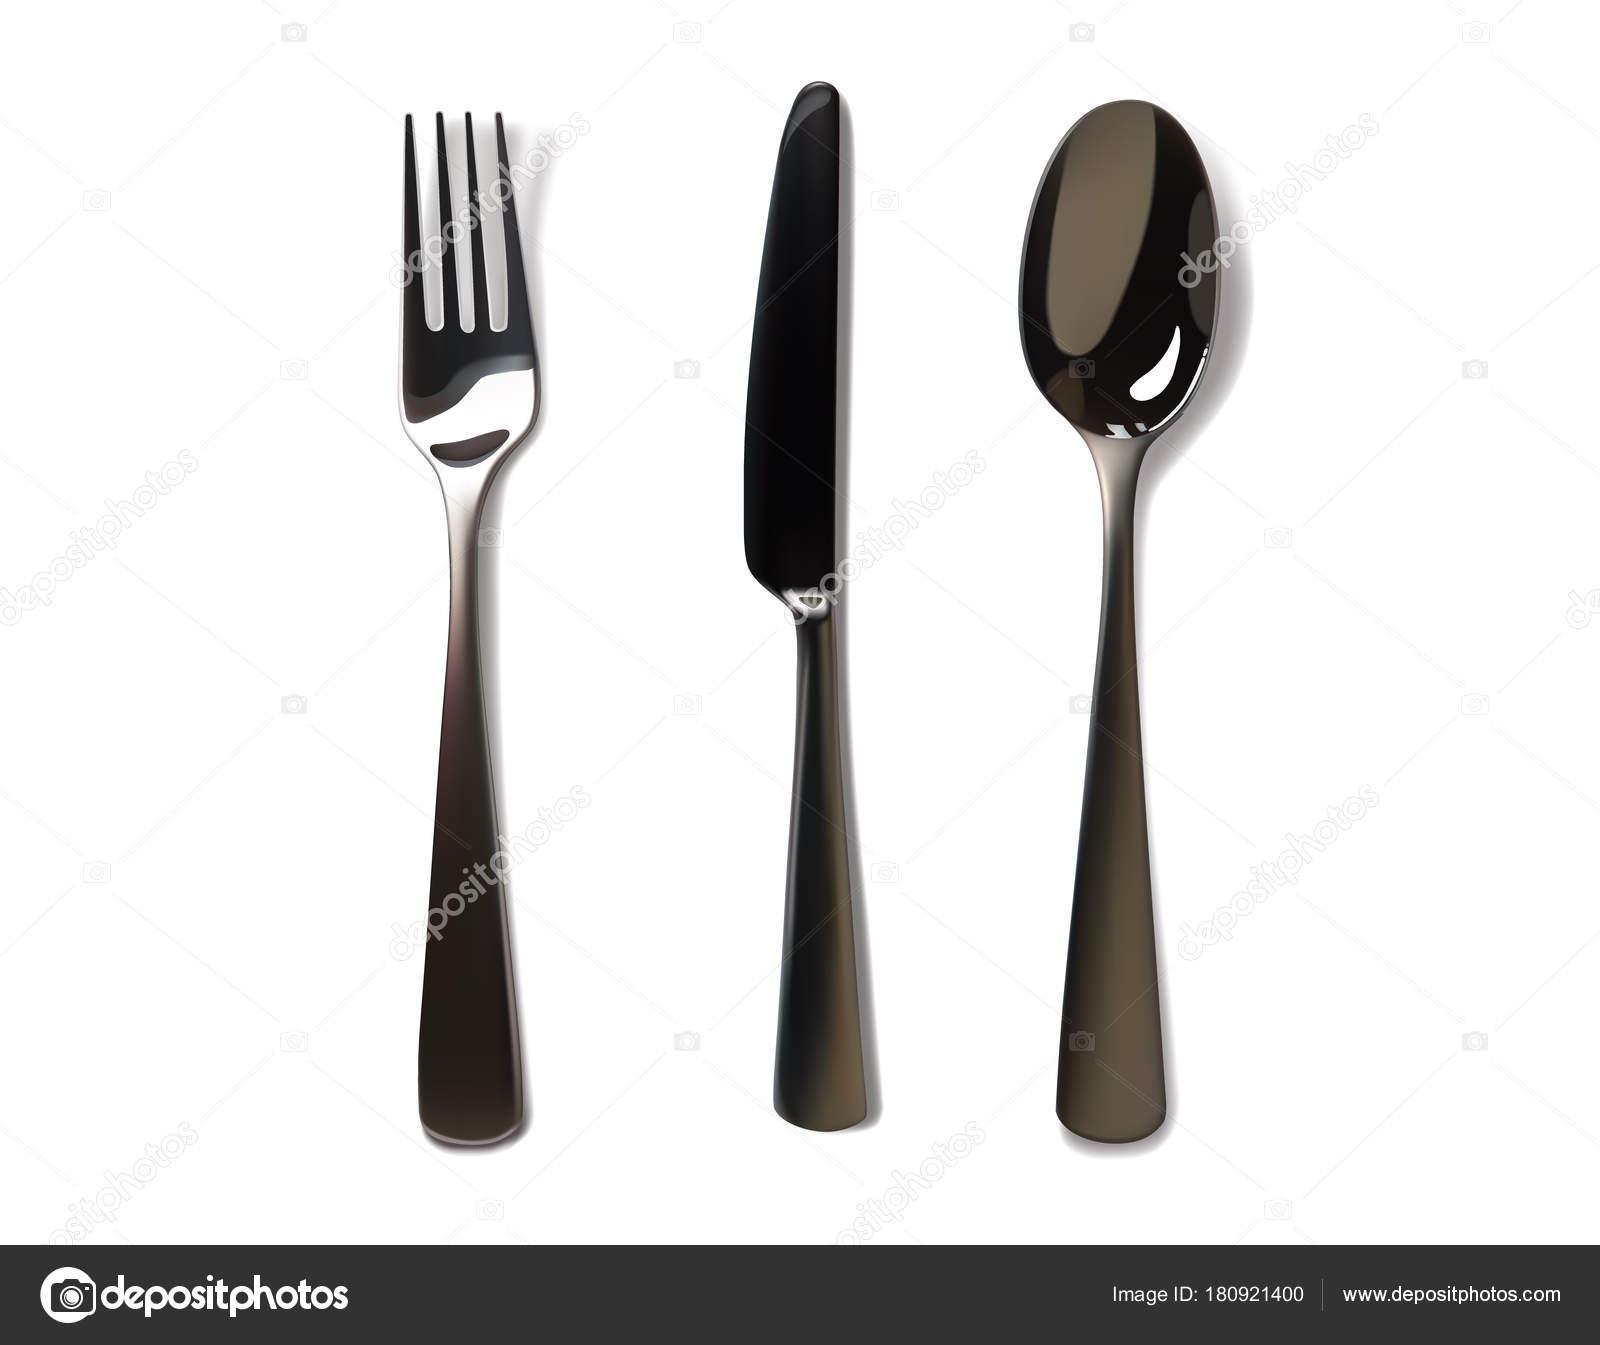 Maqueta realista de tenedor y cuchillo. Acero inoxidable, plata ...